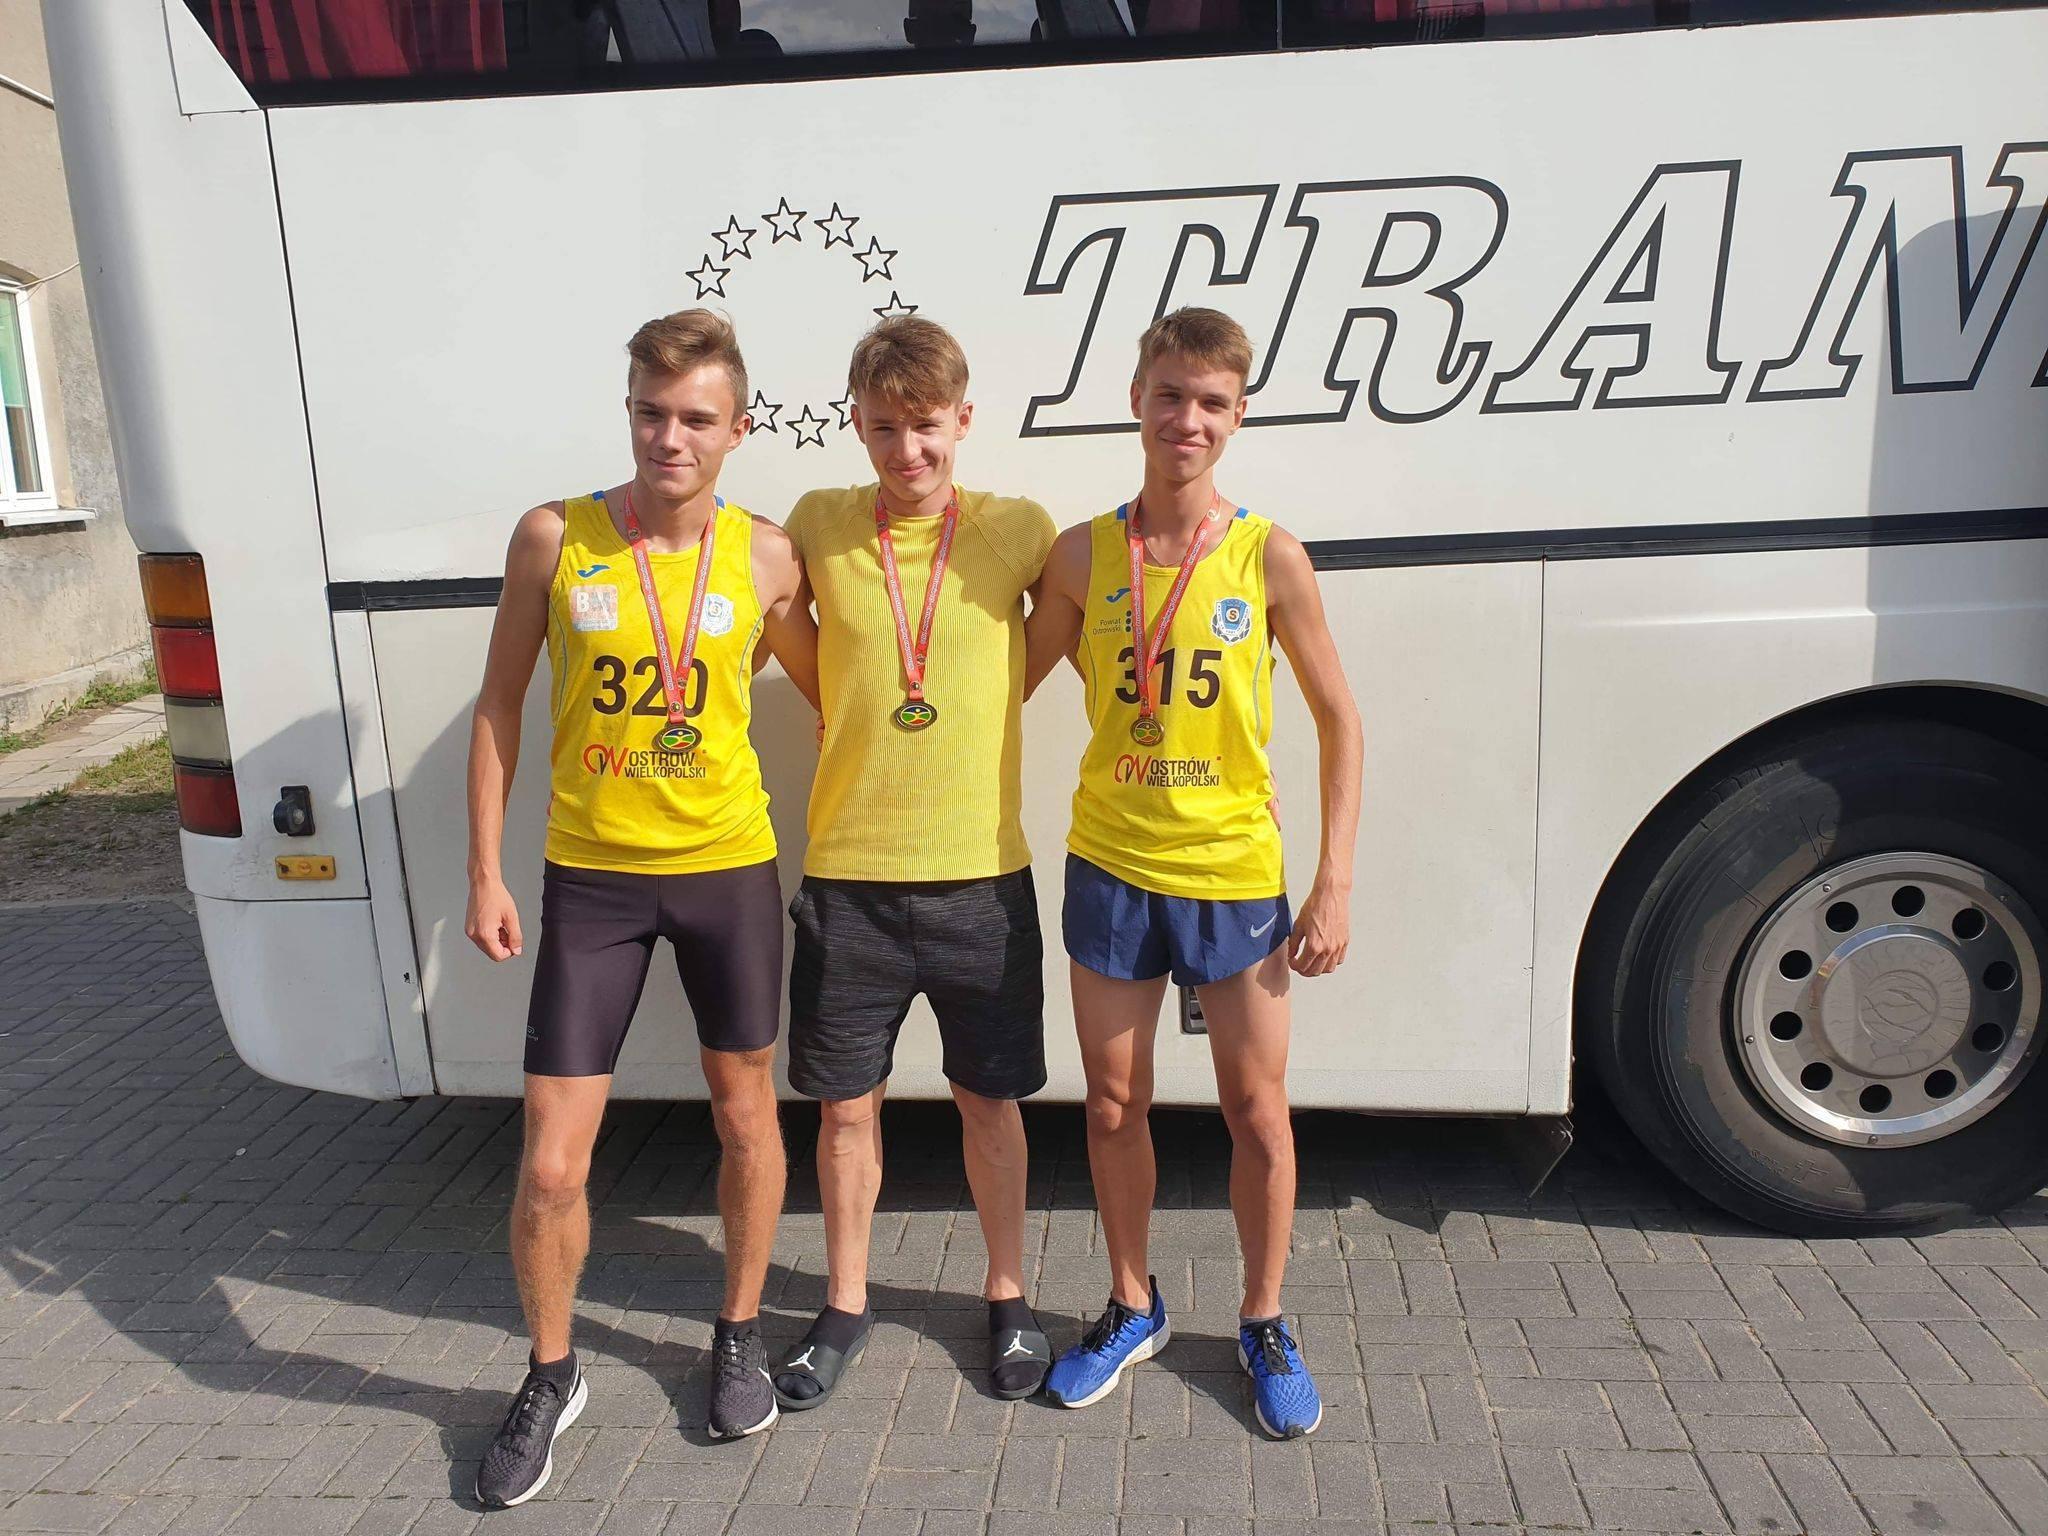 10 medali ostrowskich lekkoatletów w Mistrzostwach Polski Ludowych Zespołów Sportowych i… zwycięstwo w klasyfikacji medalowej mistrzostw